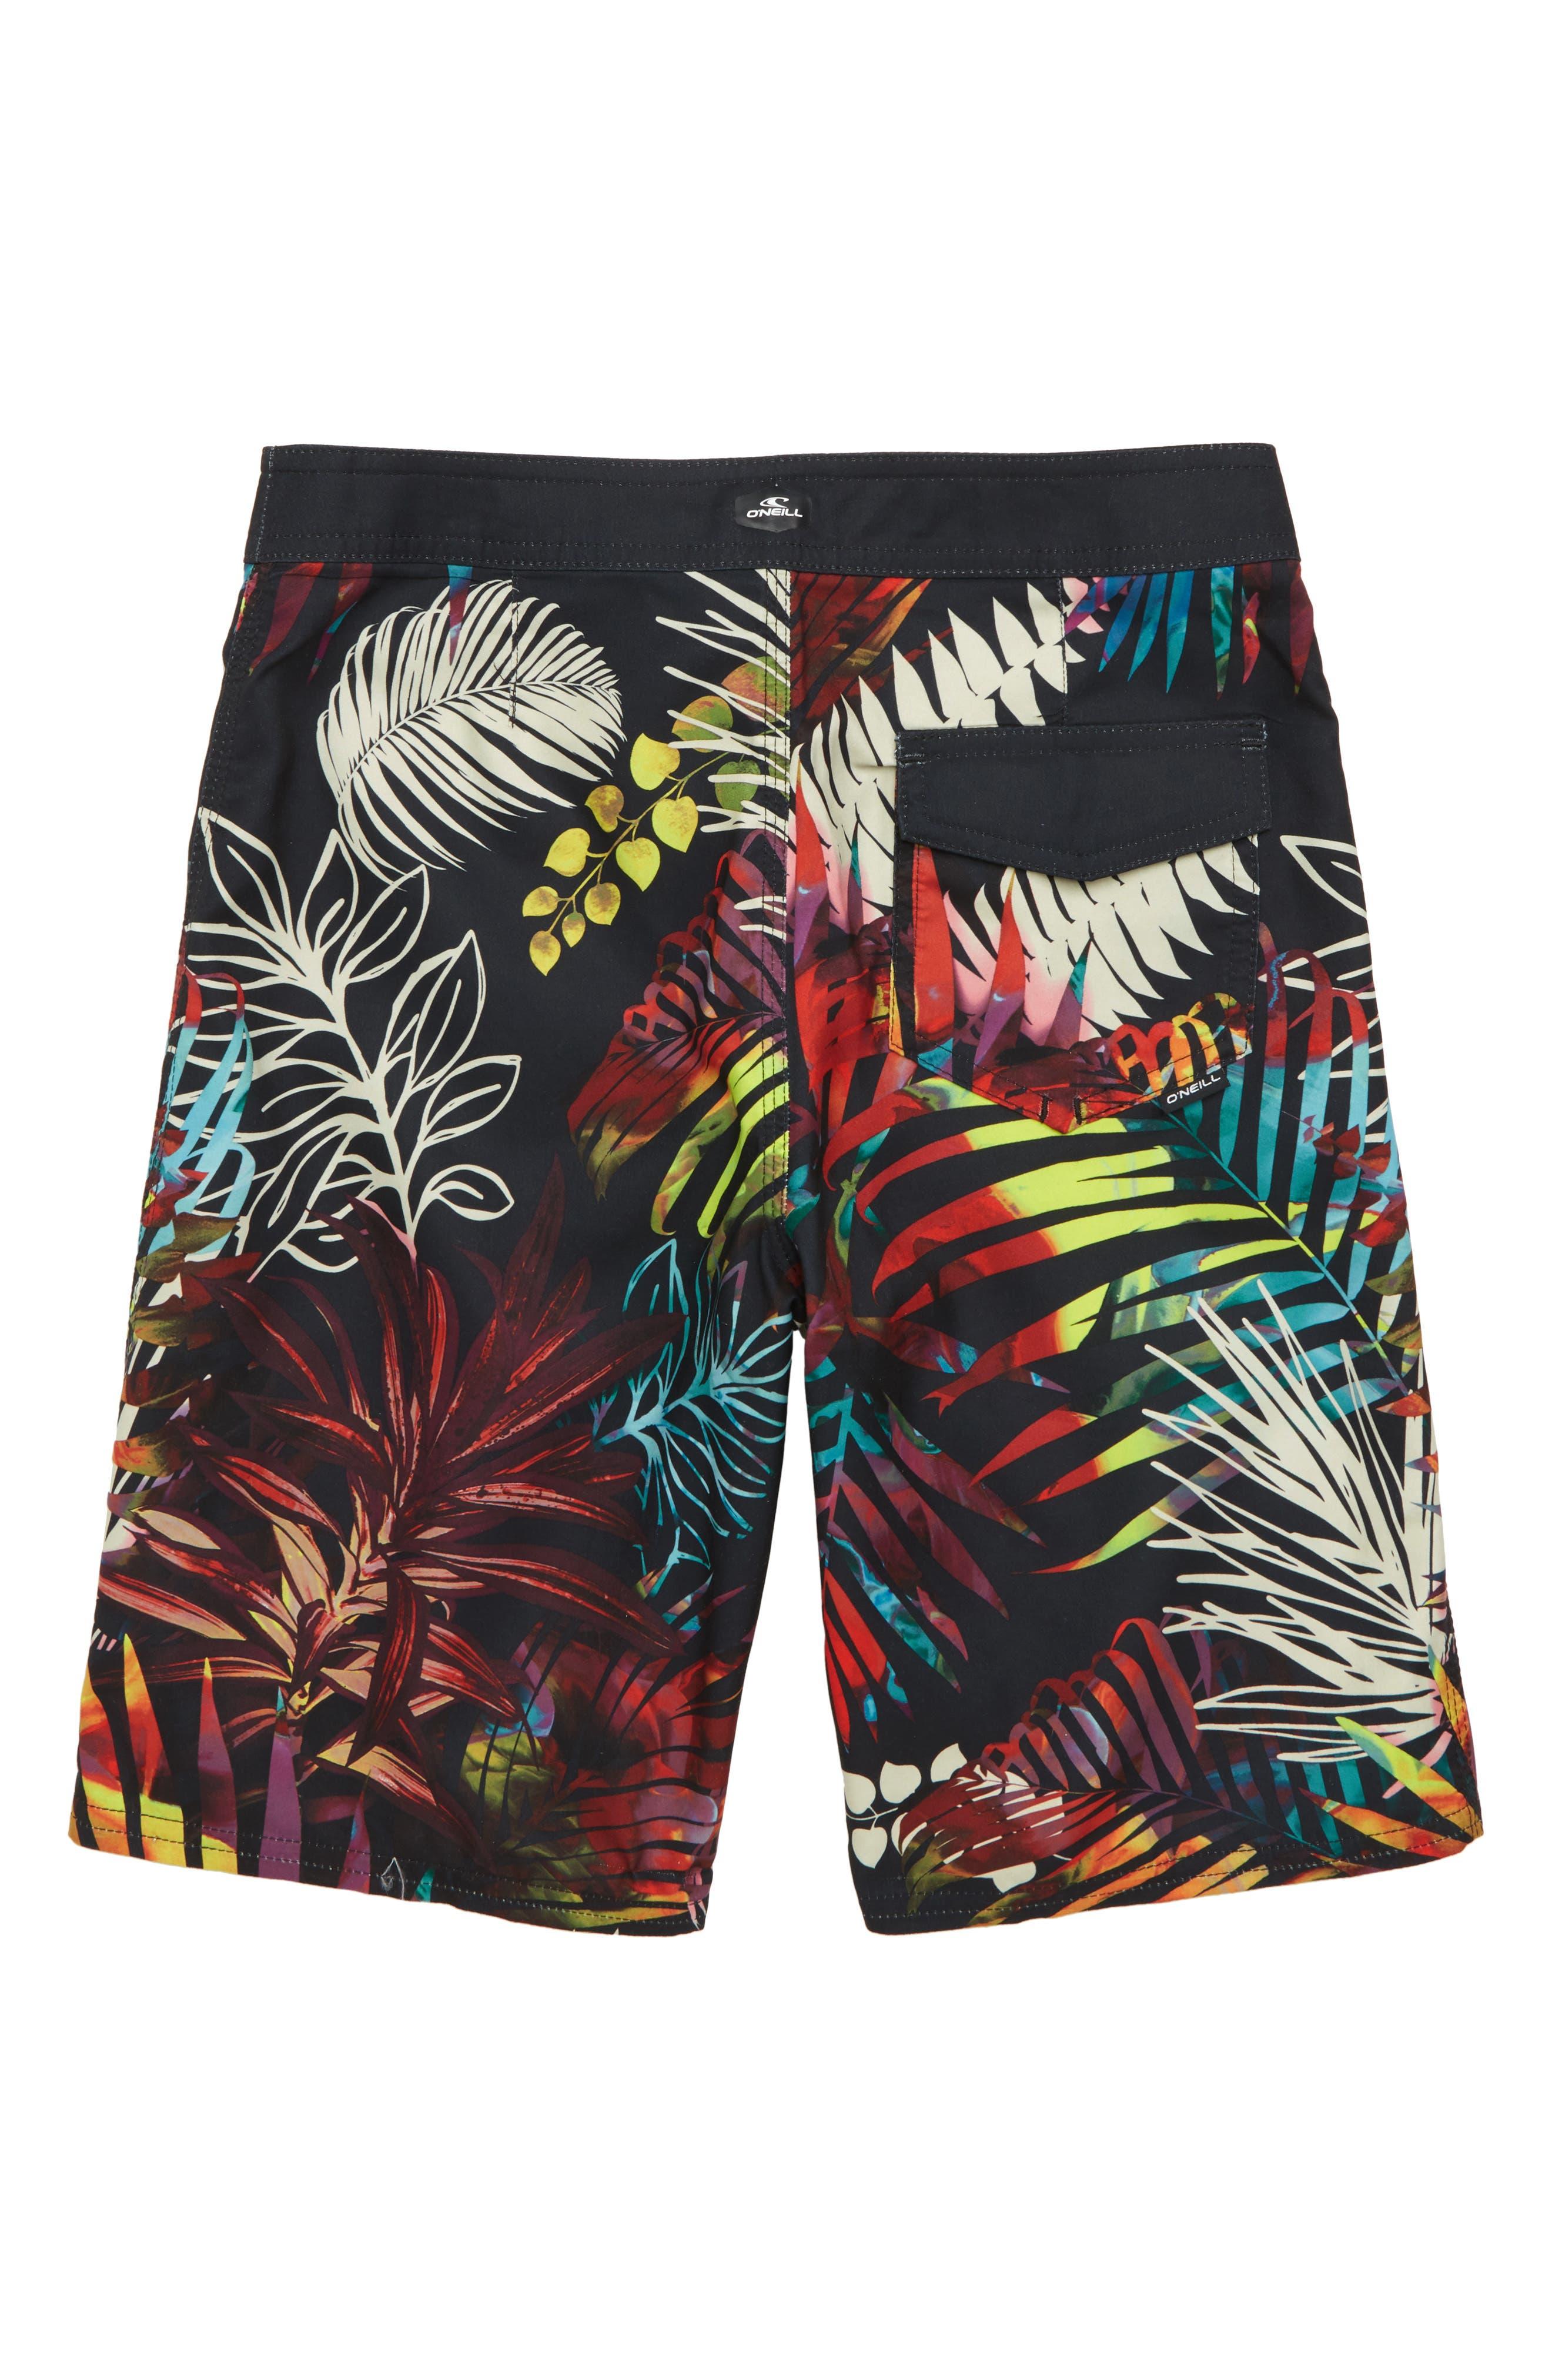 Mondaze Board Shorts,                             Alternate thumbnail 2, color,                             Multi